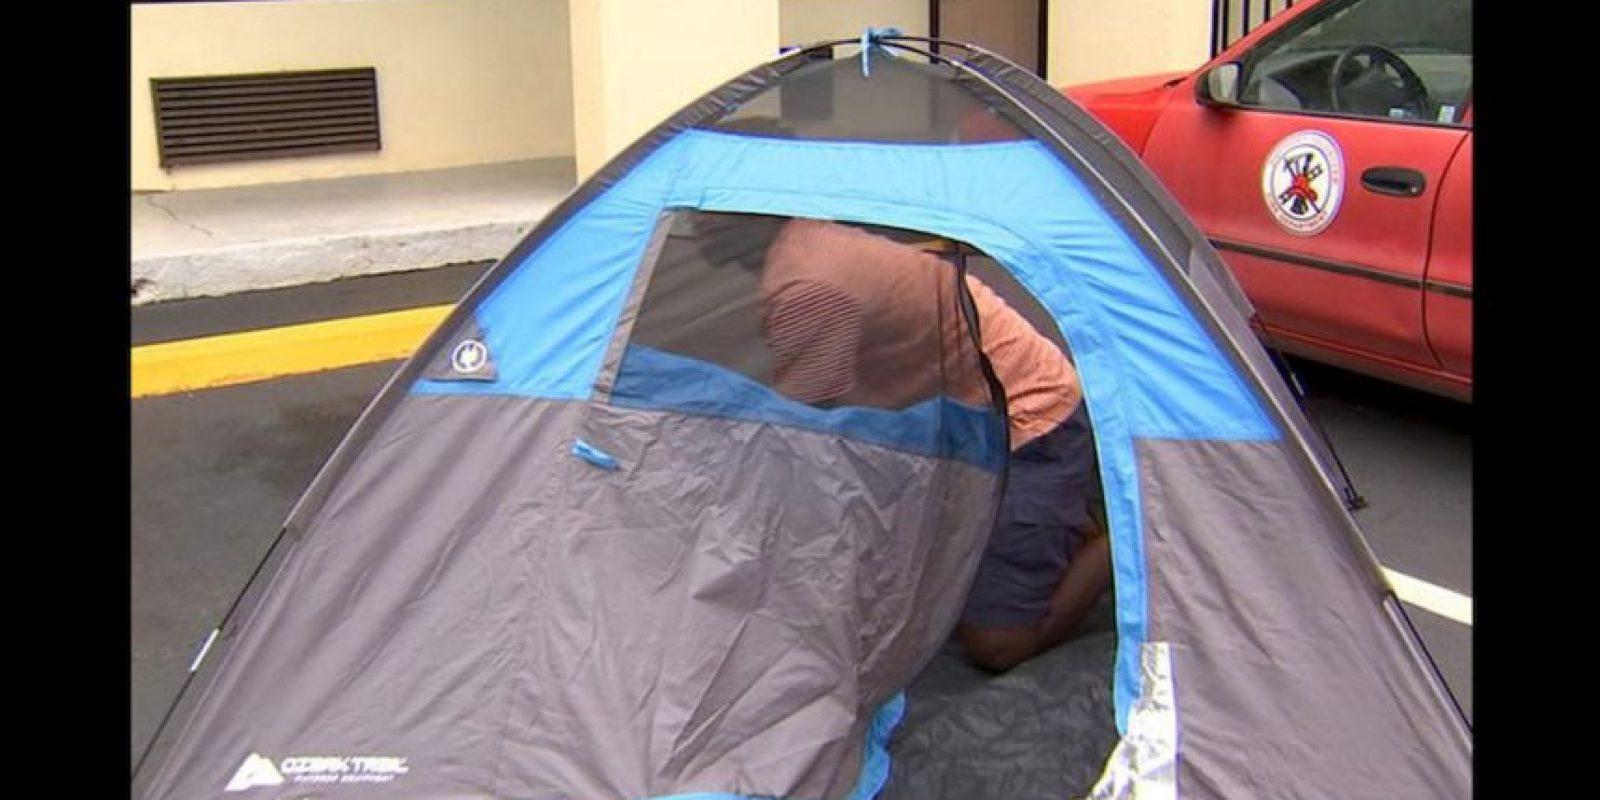 Al verse sin hogar, Barley instaló una casa de campaña cerca del campus de la institución Gordon State College para esperar a que comenzara el segundo semestre de clases. Foto:Reproducción WSB-TV ATLANTA